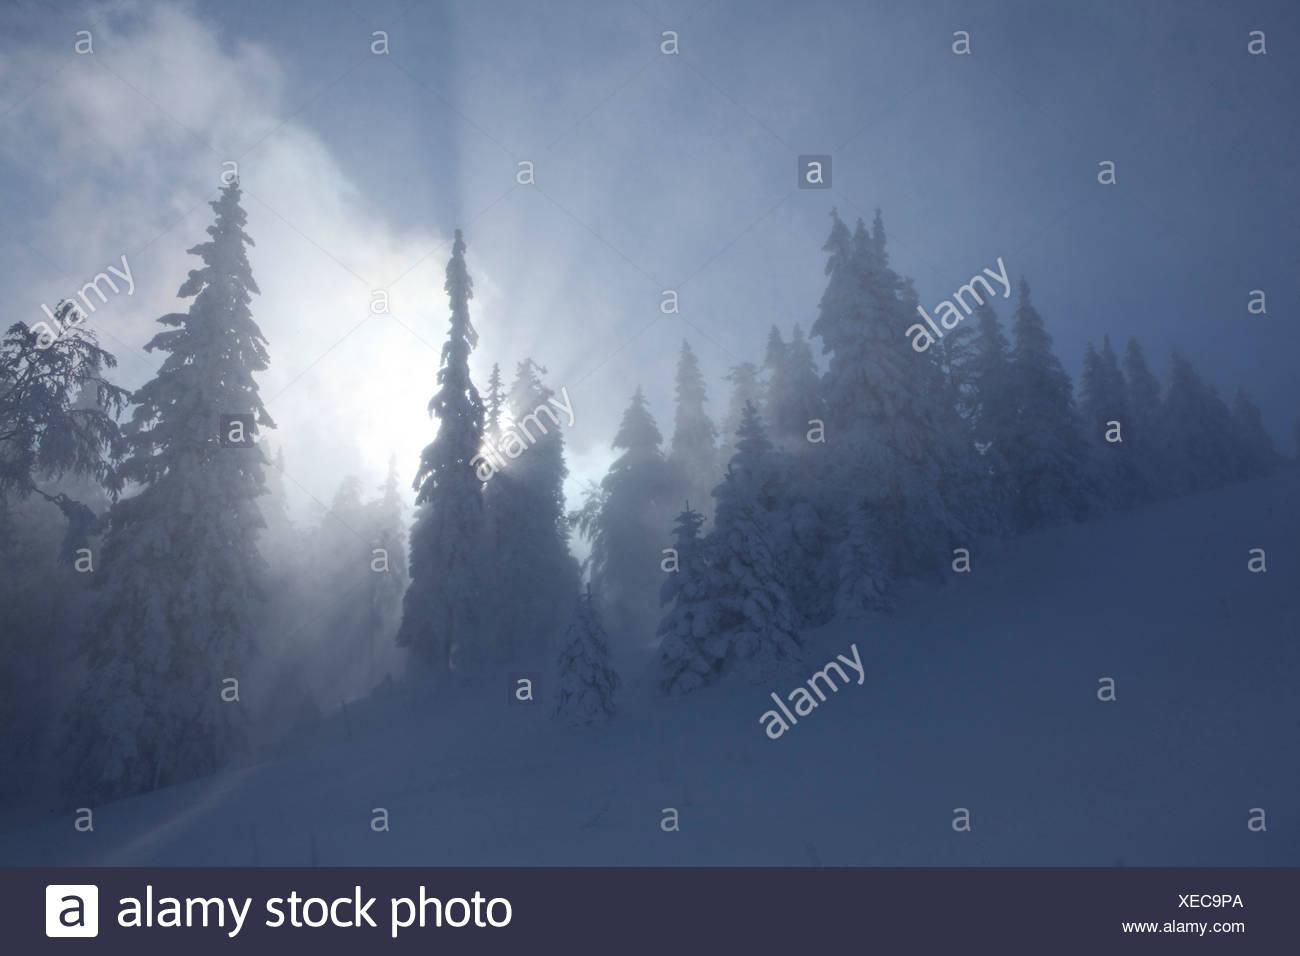 Winterbäume, Winter, Kanton, VD, Waadt, Schnee, Baum, Bäume, Holz, Wald, Schnee, Tannen, Schweiz, Europa, Sonne, Col du Mollendruz Stockbild